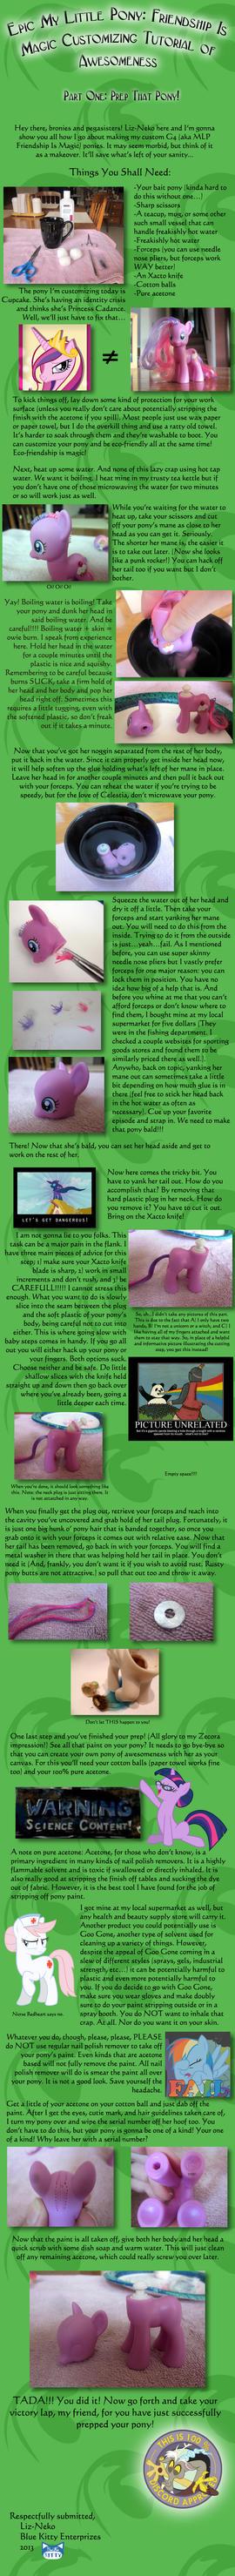 Epic MLP: FIM Customizing Tutorial Of Awesomeness! by liz-neko